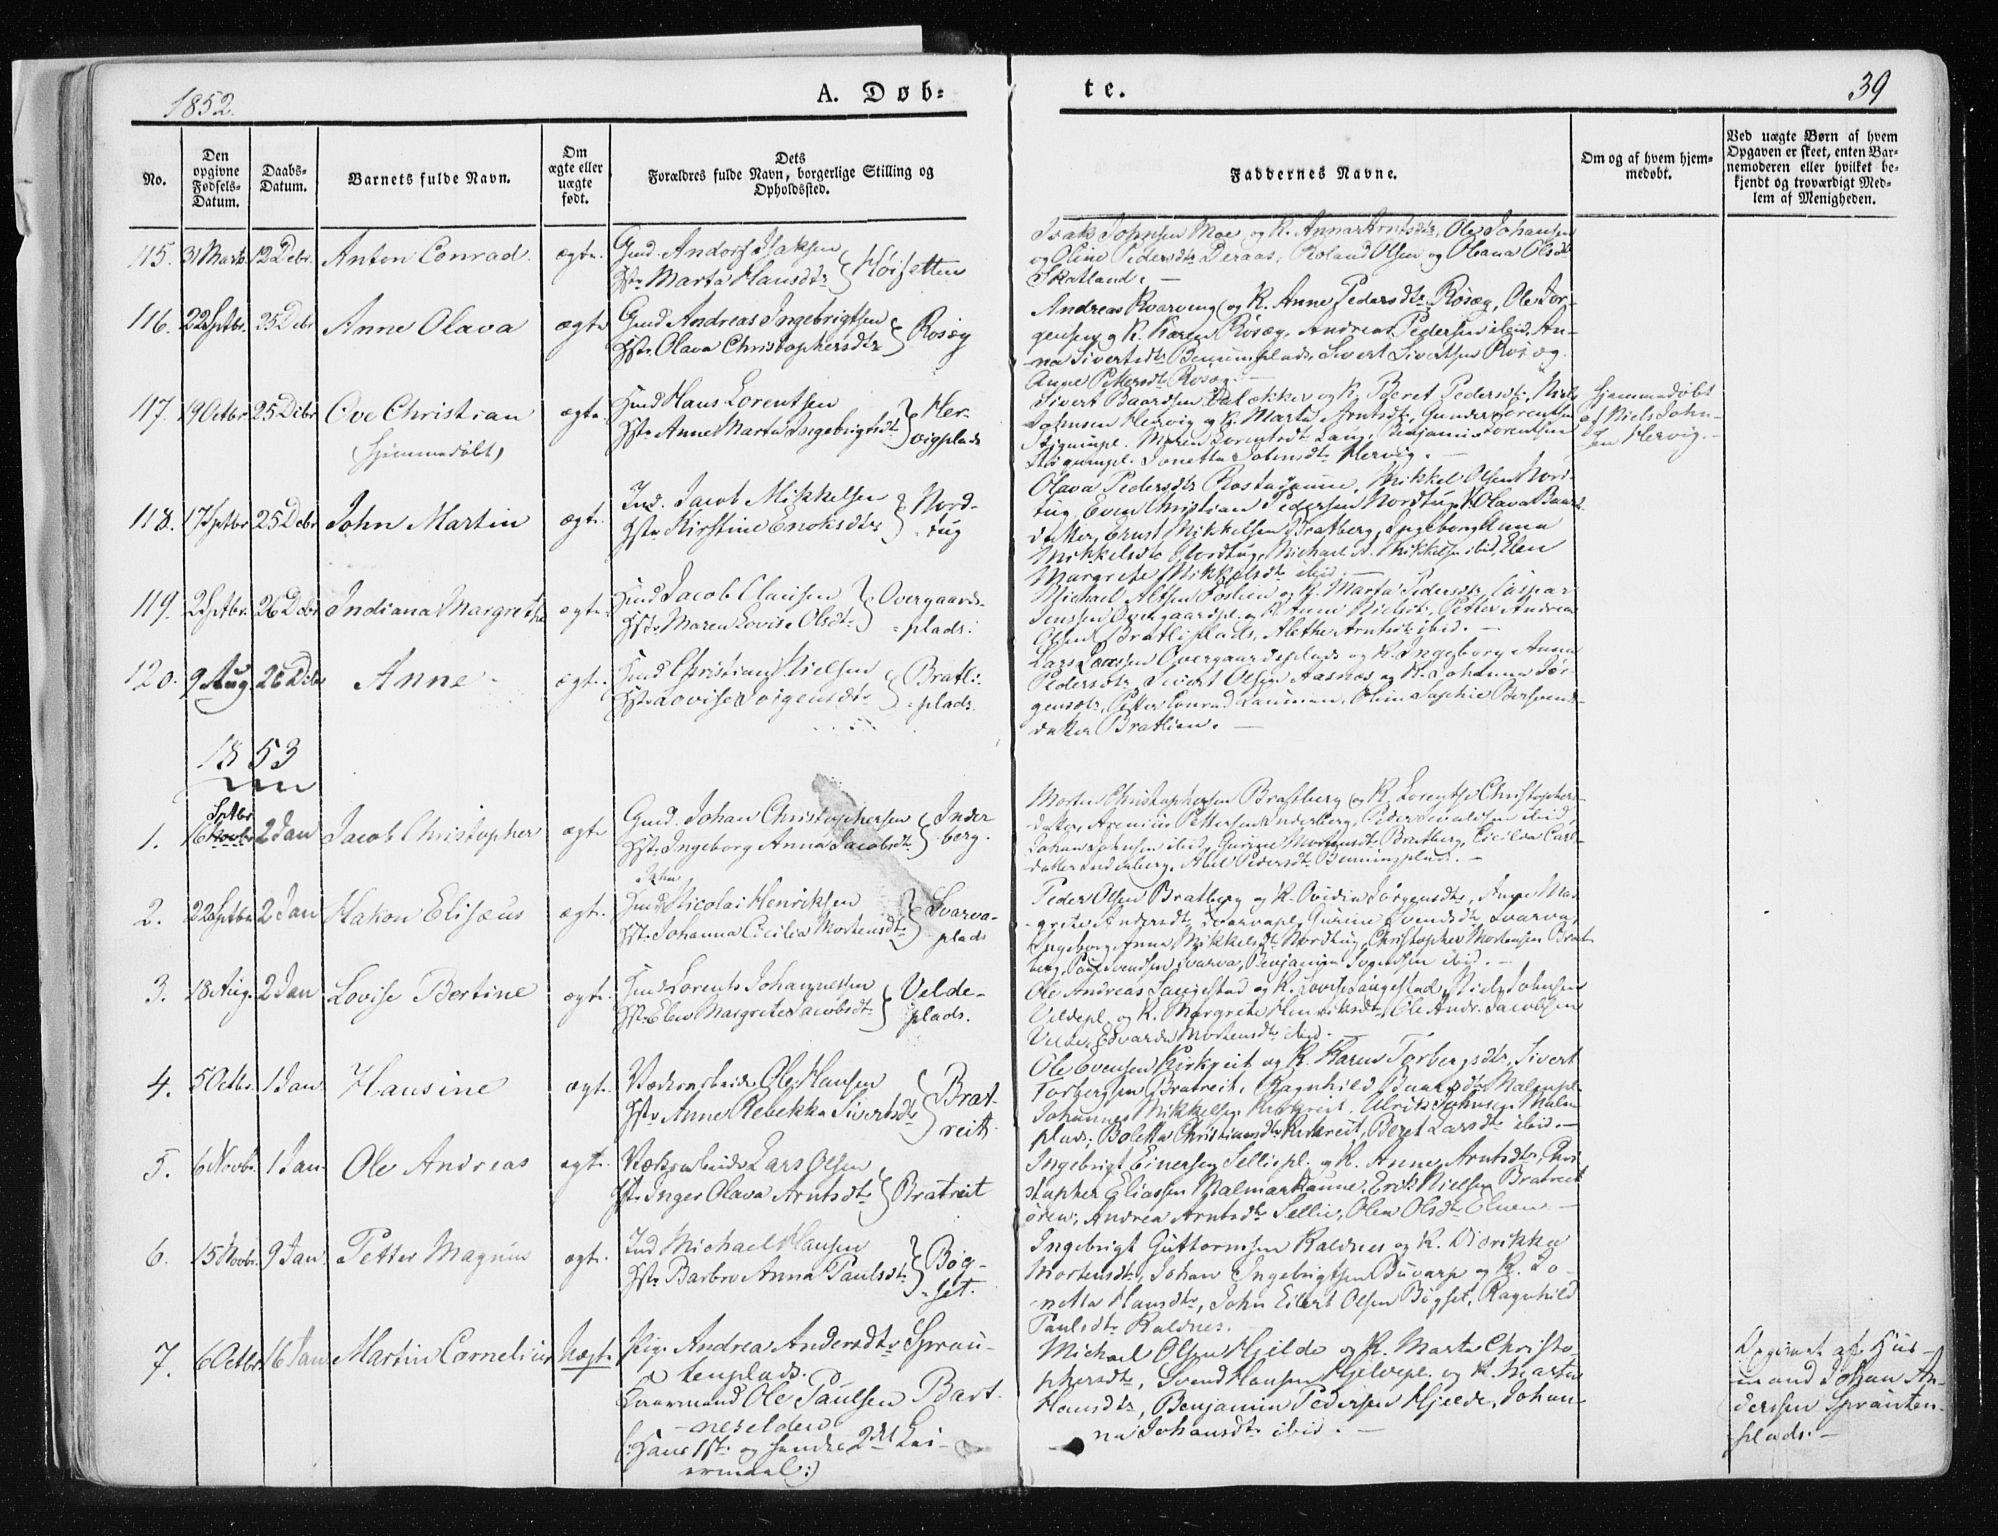 SAT, Ministerialprotokoller, klokkerbøker og fødselsregistre - Nord-Trøndelag, 741/L0393: Ministerialbok nr. 741A07, 1849-1863, s. 39